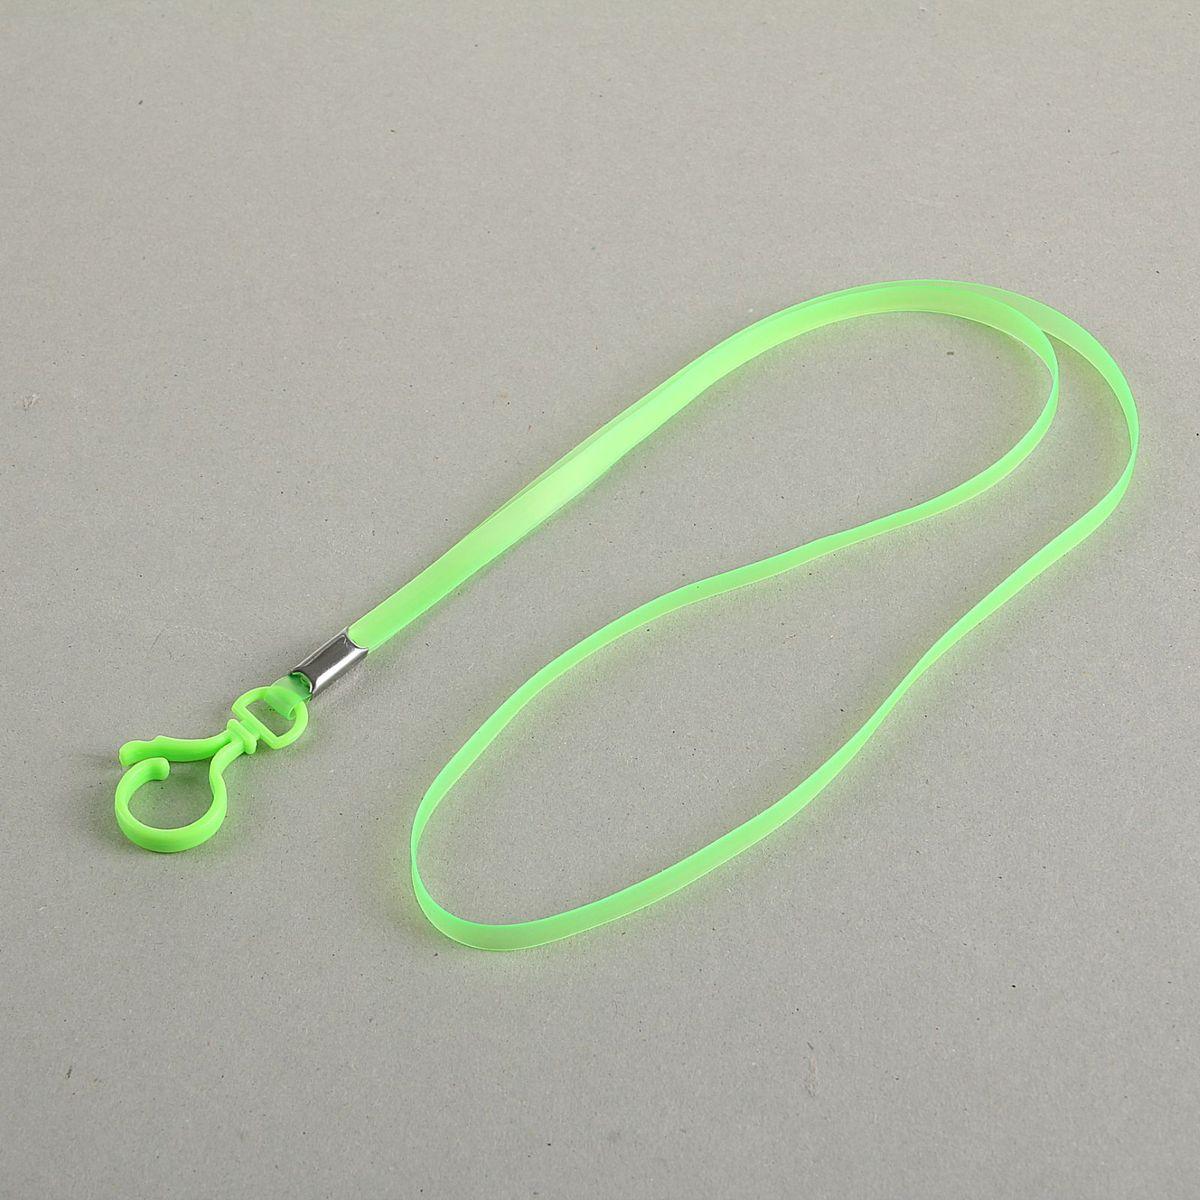 Лента для бейджа длина 38 см ширина 5 мм цвет зеленый1965014